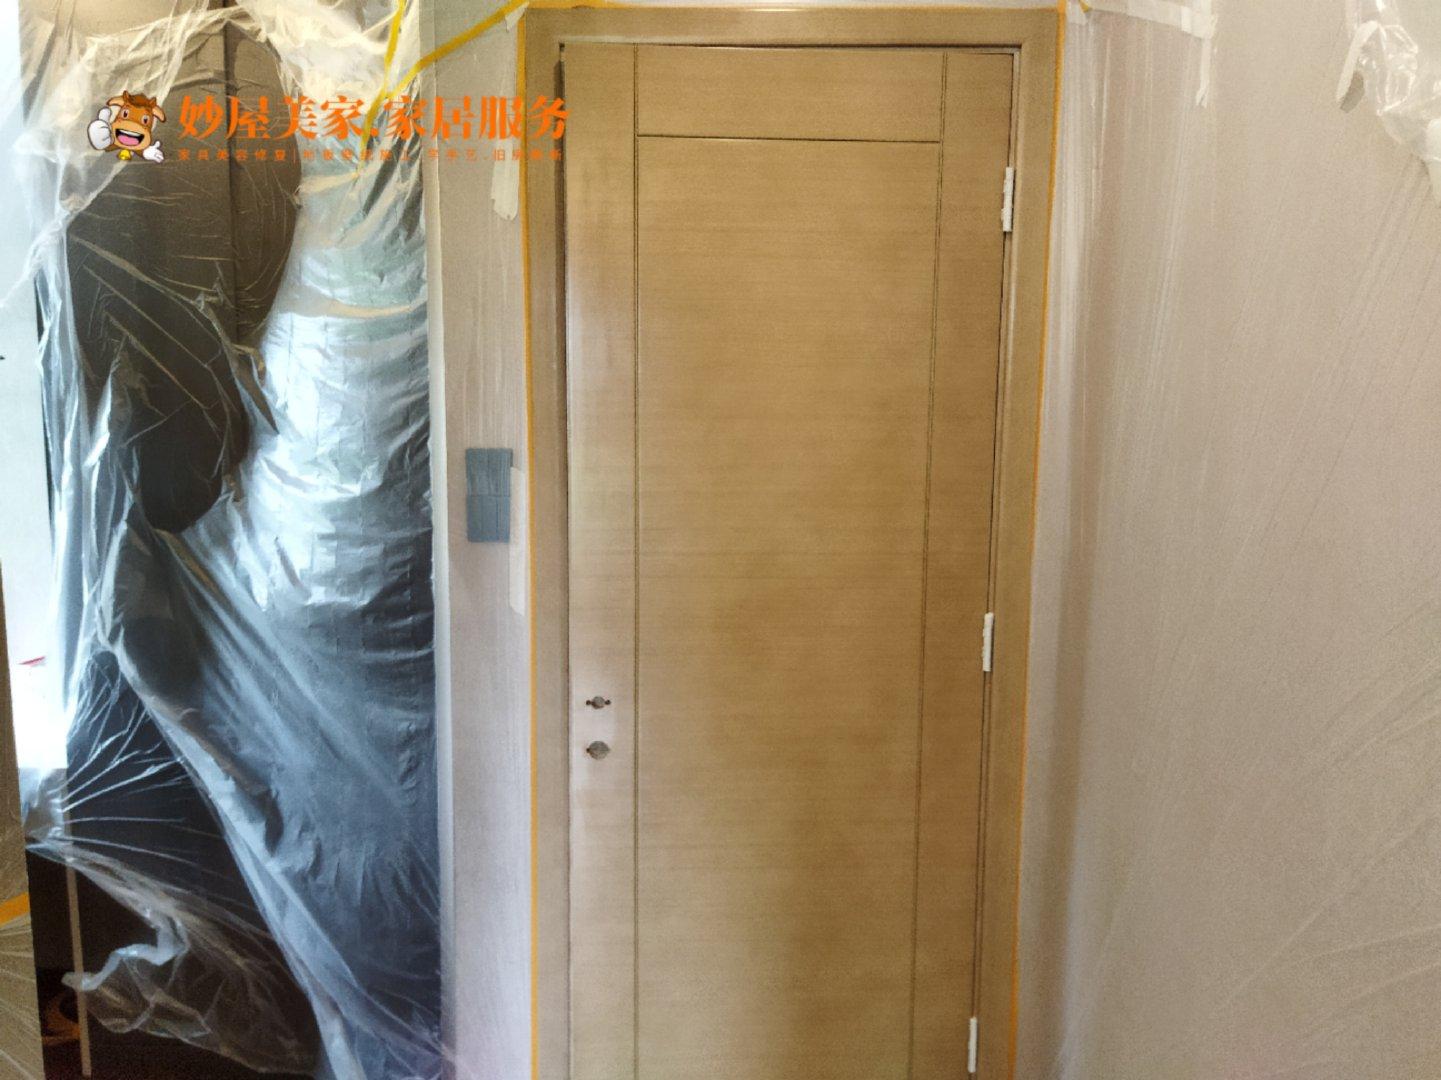 水性漆木门改色,为妙屋家具美容手艺人点赞!